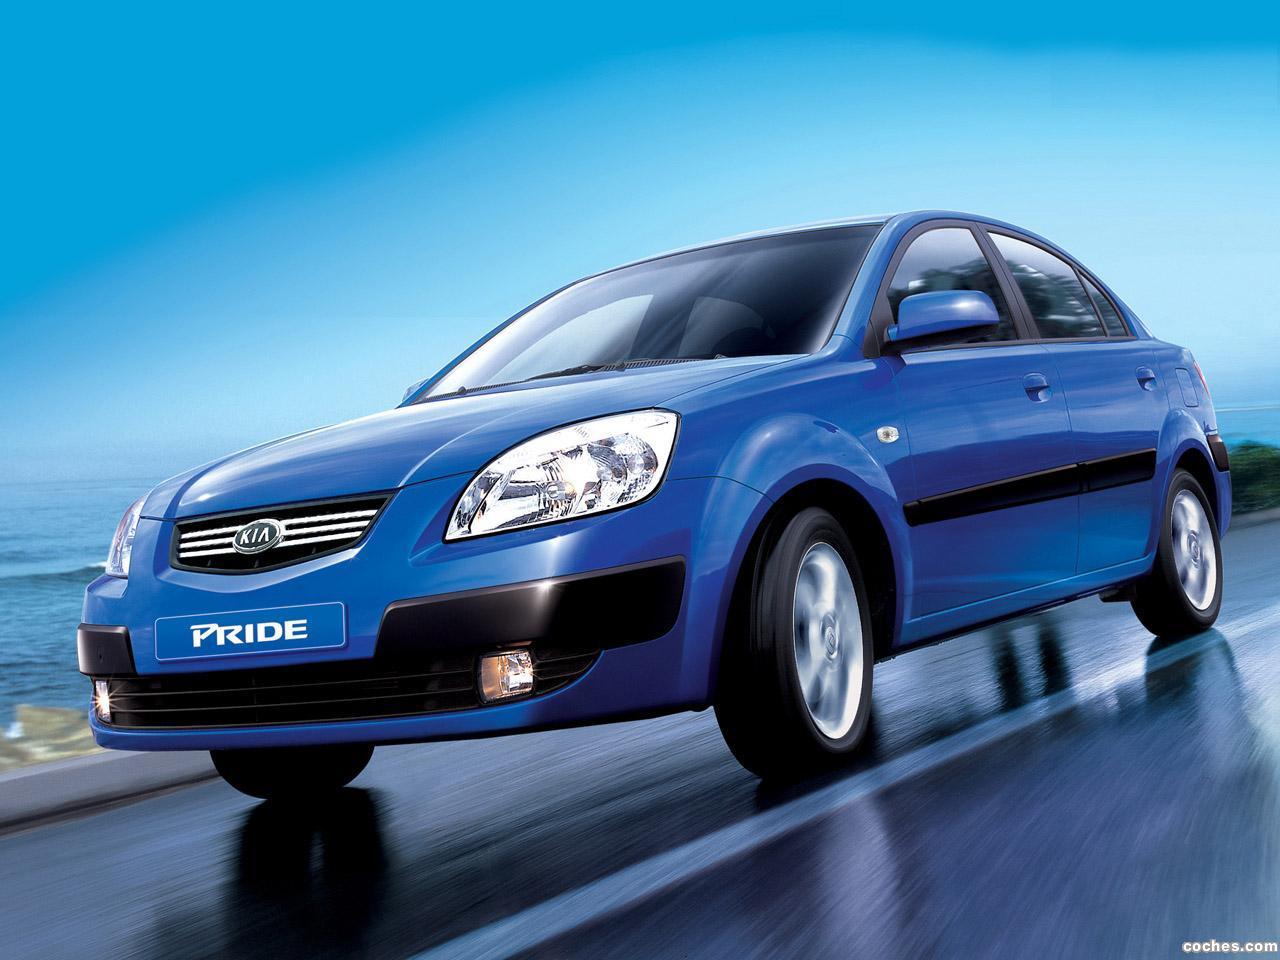 Foto 0 de Kia Pride Sedan 2005